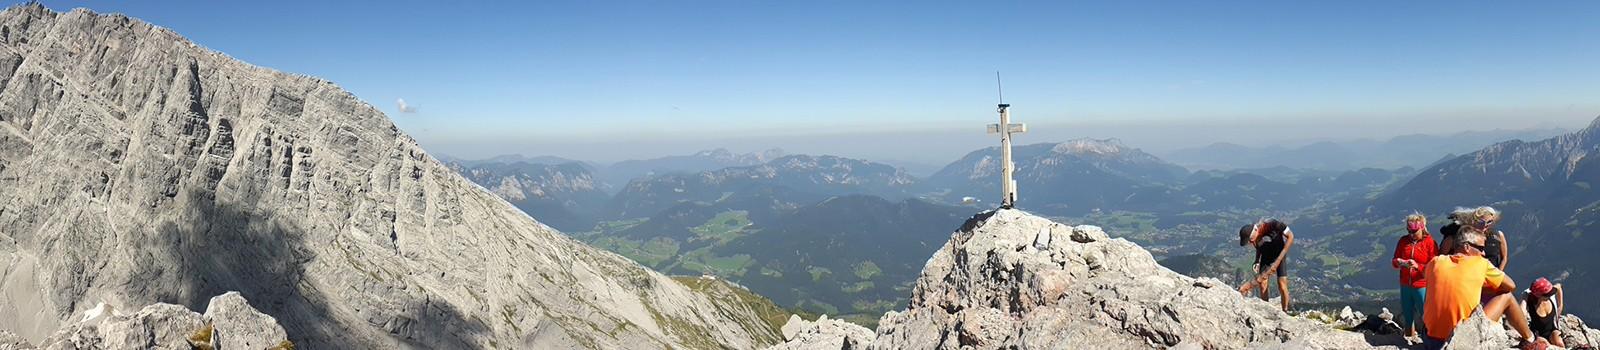 Bergsteigen und Wandern in Berchtesgaden